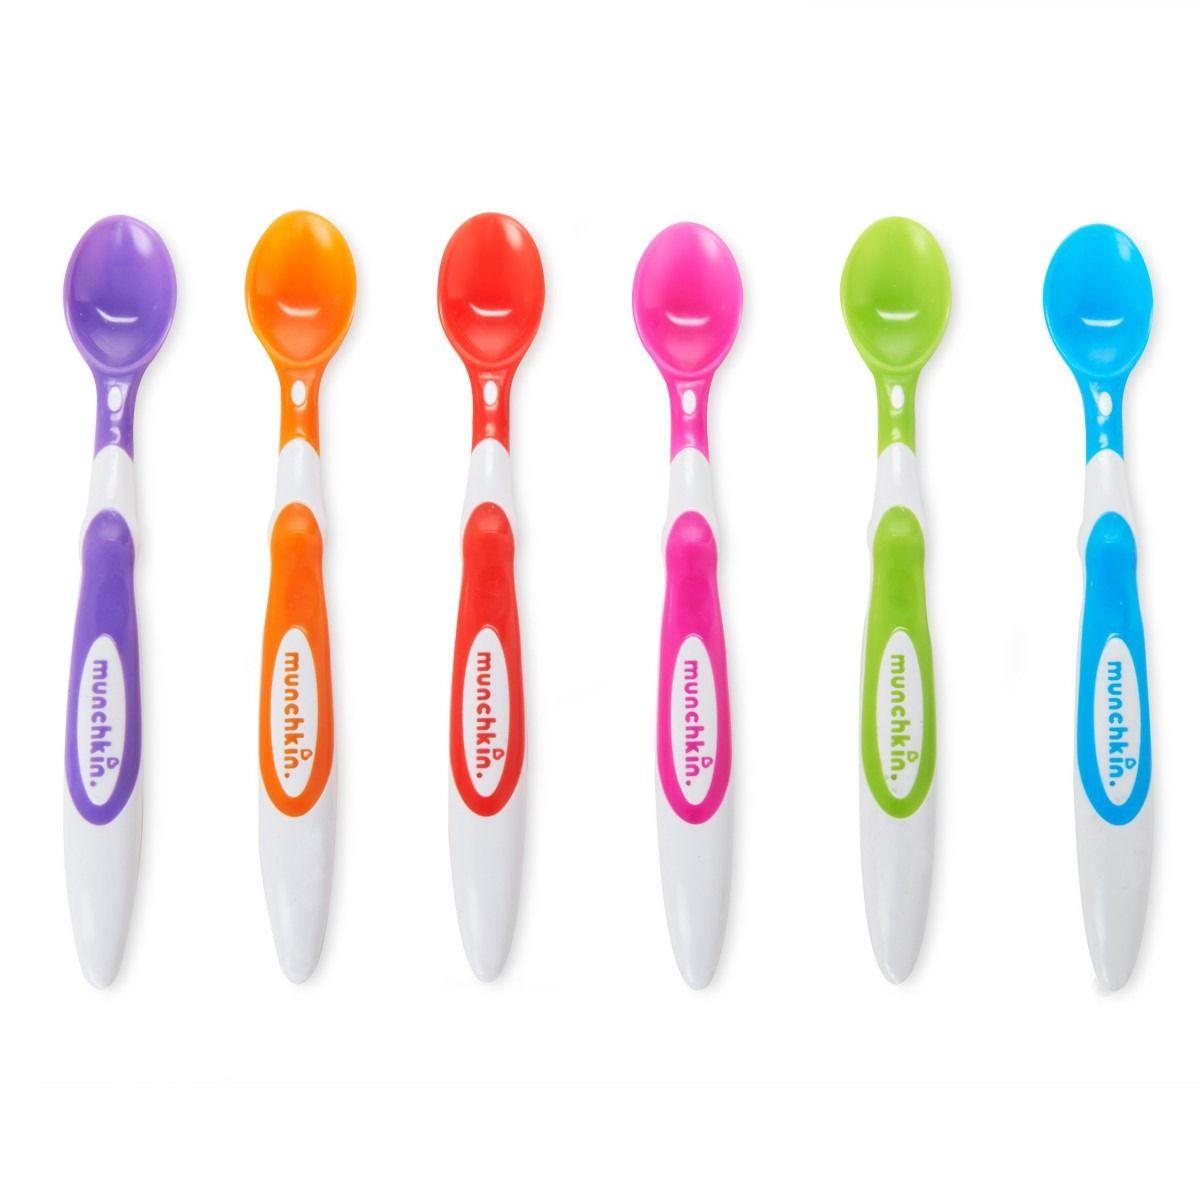 Image of Babyskeer fra Munchkin - Soft Tip Infant Spoons (6 stk) (MKN-FED14)